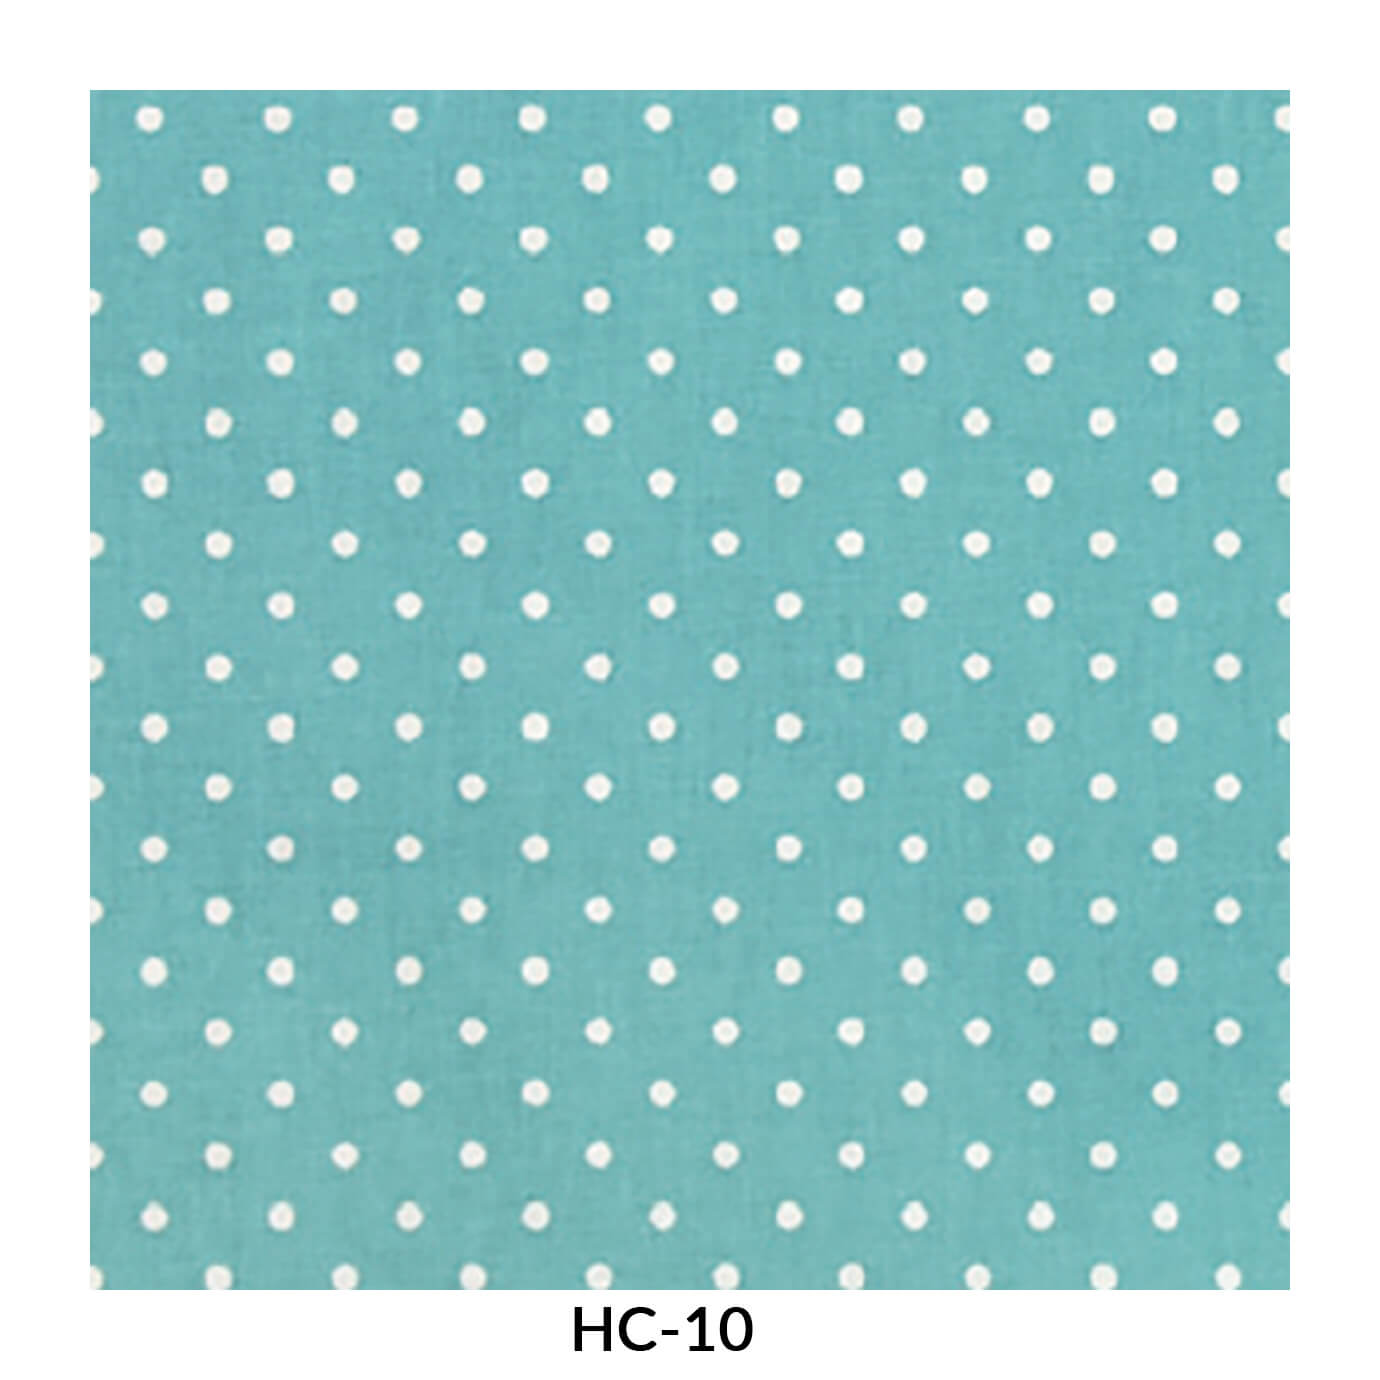 hc-10.jpg